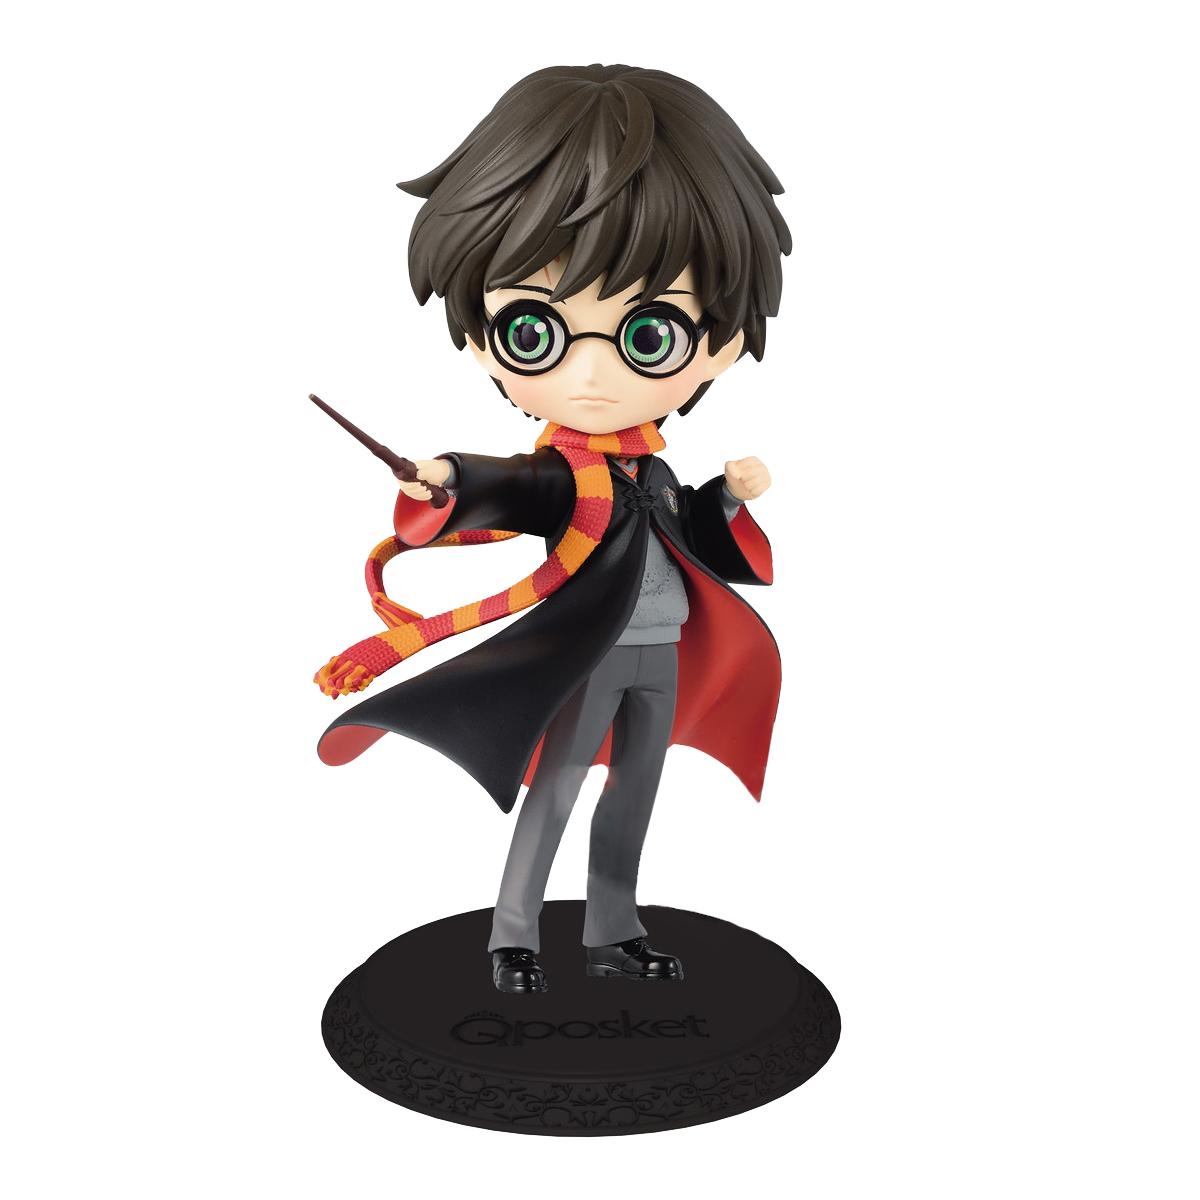 Harry Potter Banpresto Q Posket Figure Version A  Harry Potter Normal Color Ver